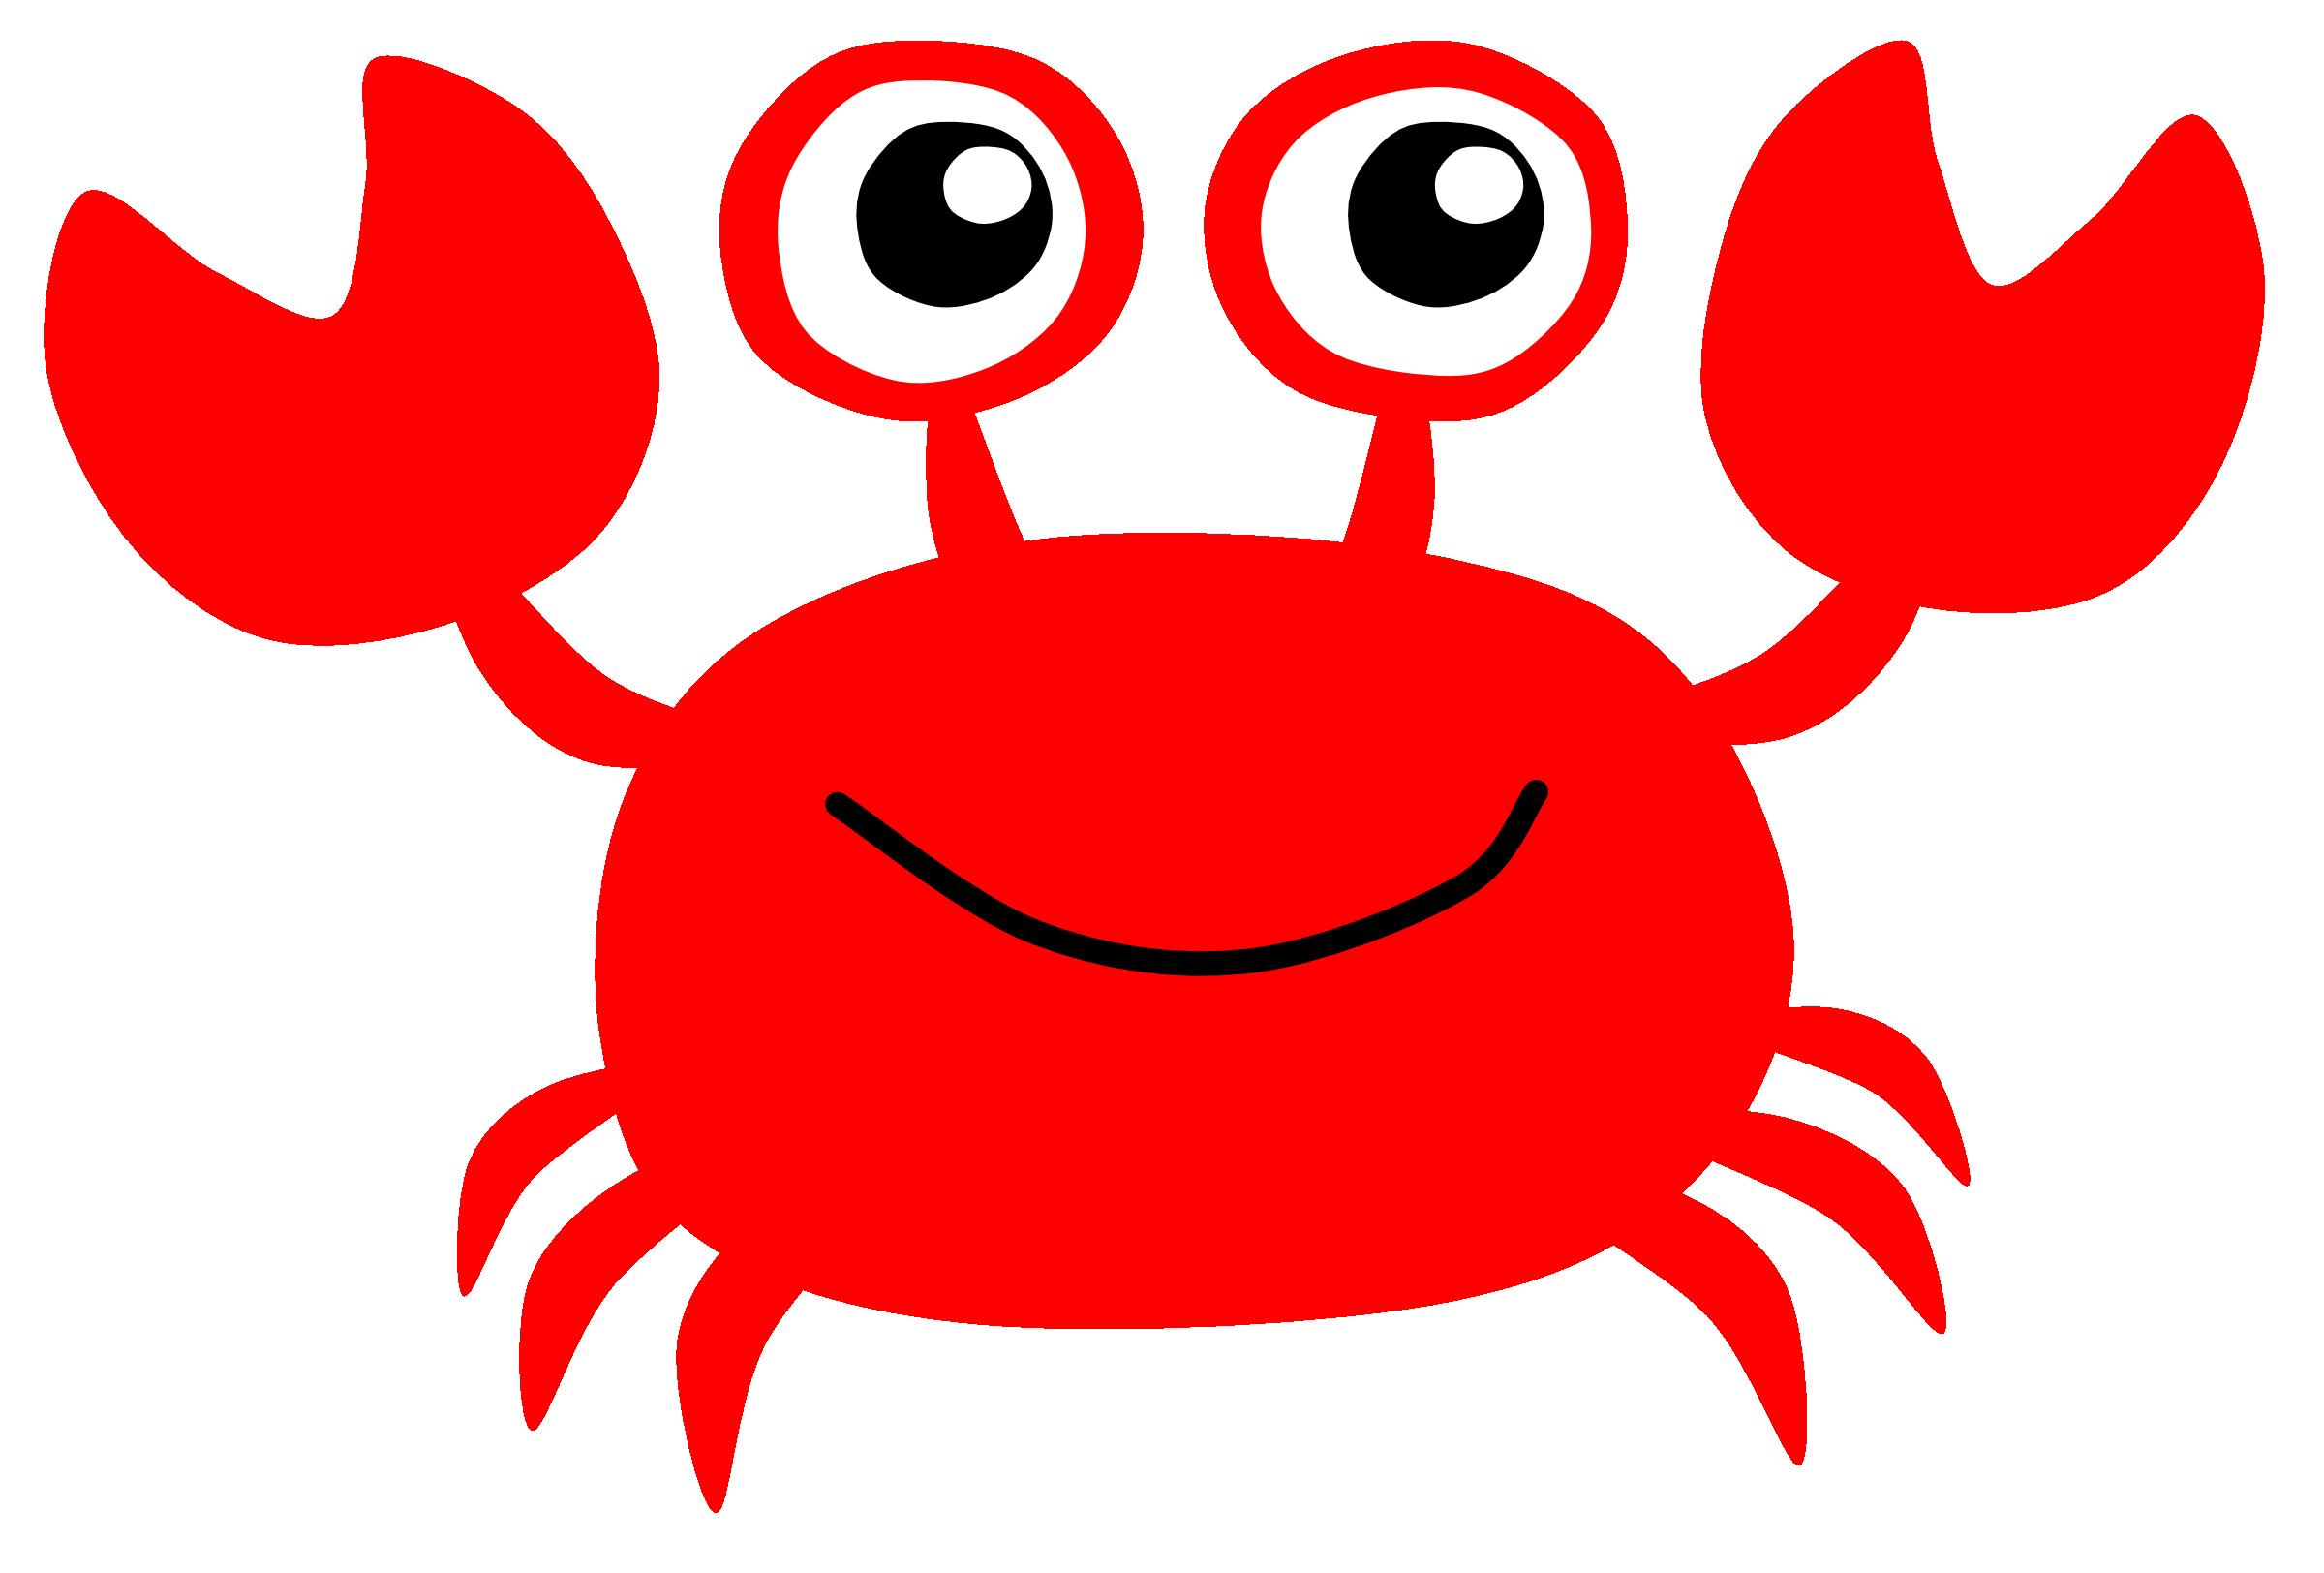 Crabs crab clipart free clip art images clipartwiz.